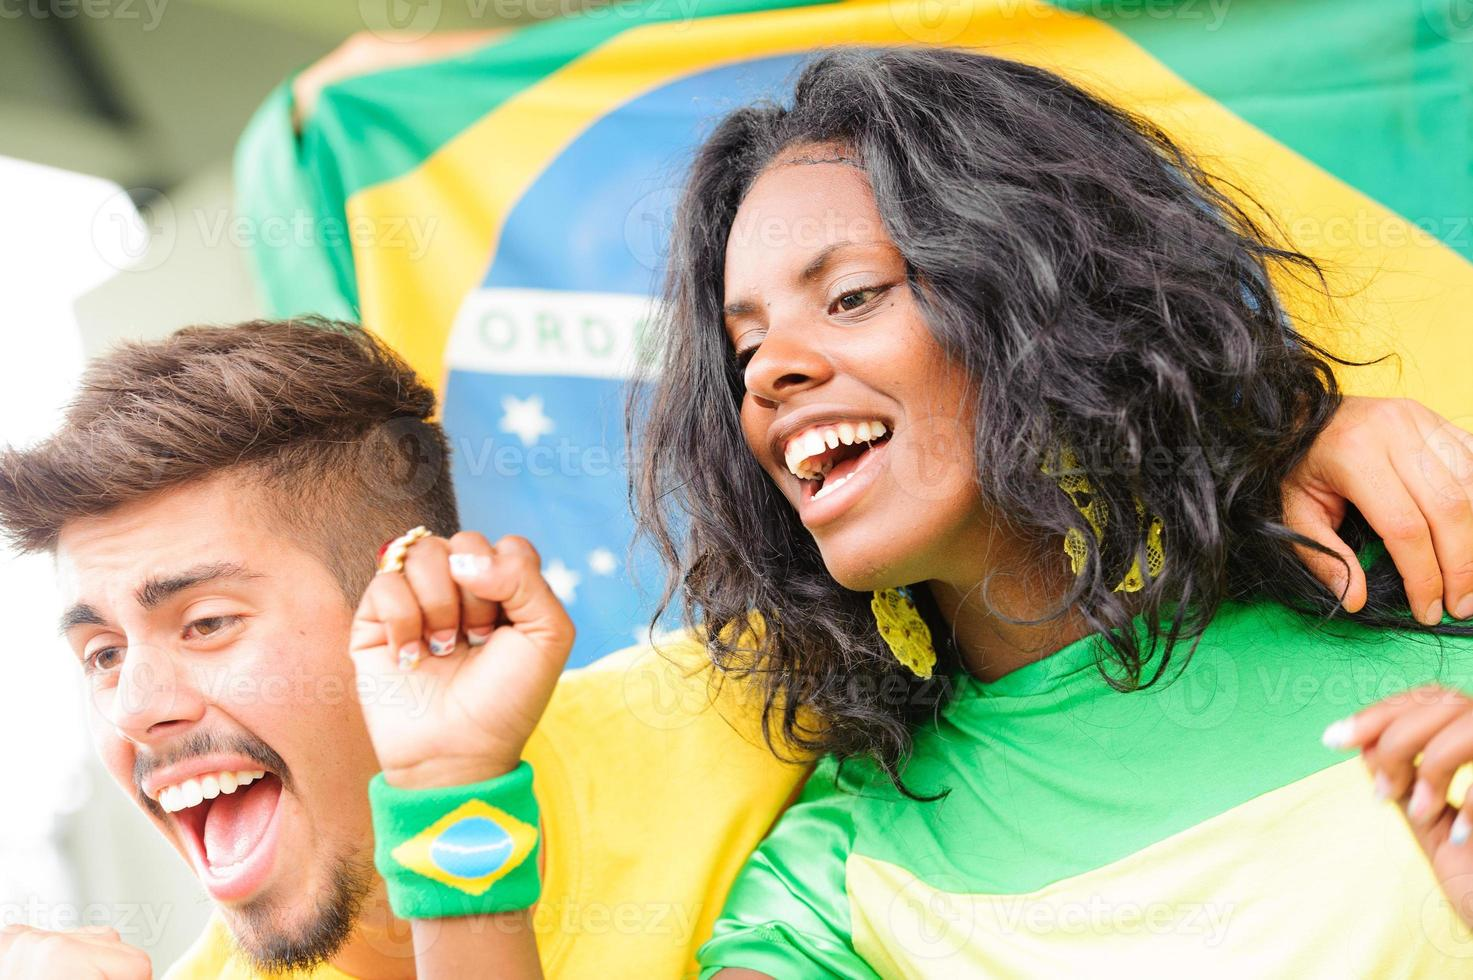 brasilianische Anhänger im Stadion foto